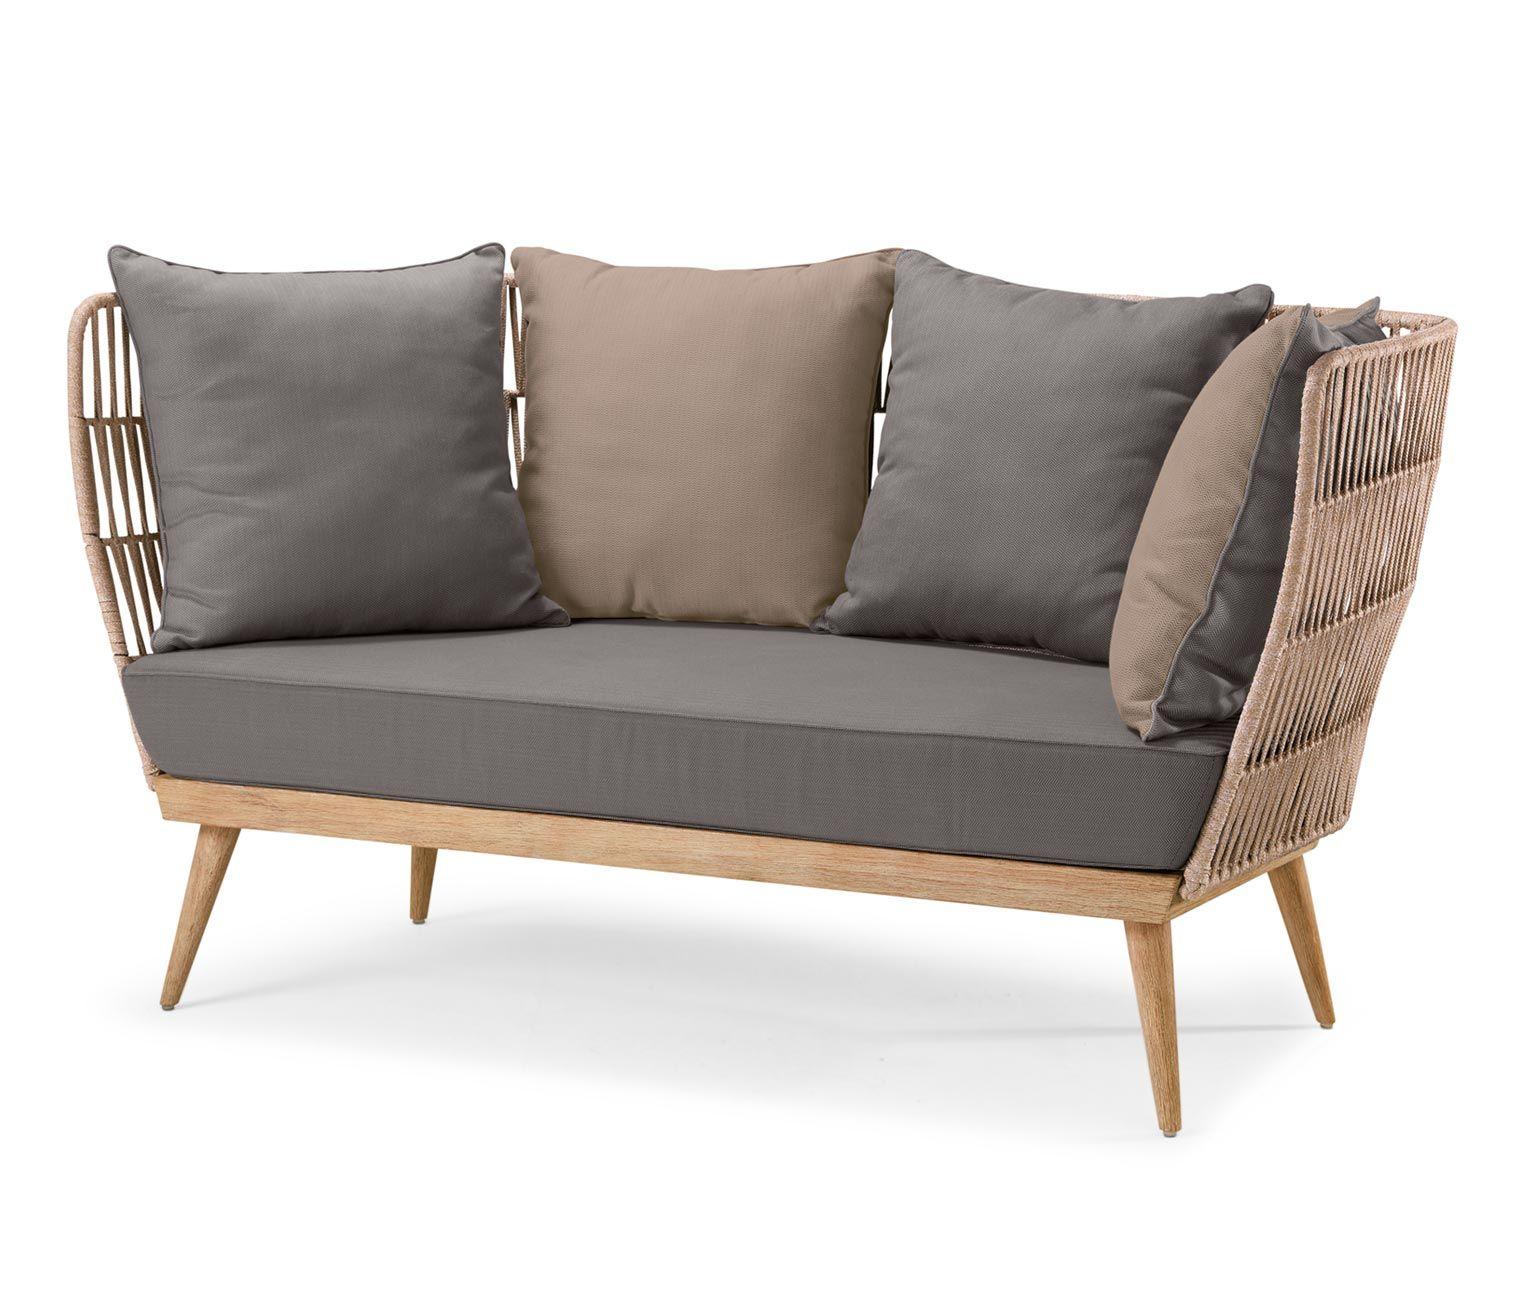 Full Size of Gartensofa Tchibo 2 In 1 Komfort Lounge Sofa Premium Mit Textilgeflecht Garten Wohnzimmer Gartensofa Tchibo